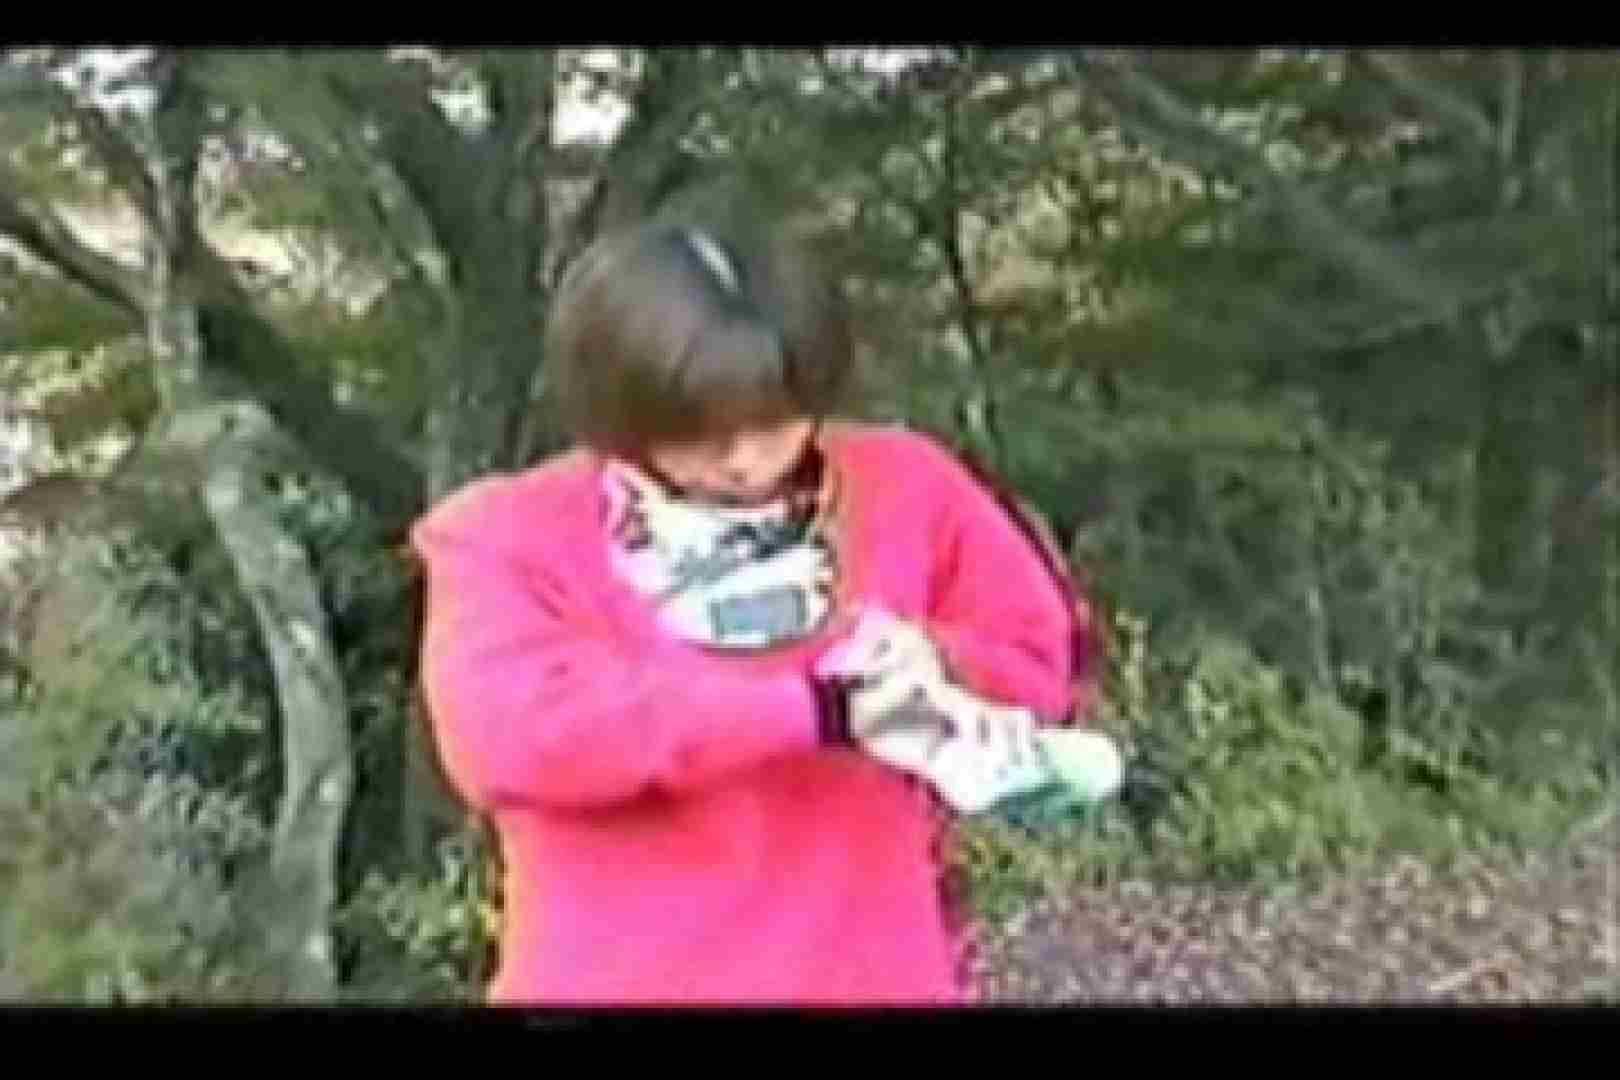 オールドゲイシリーズ  美少年ひかるのオープンファック ディープキス チンコ画像 46pic 12